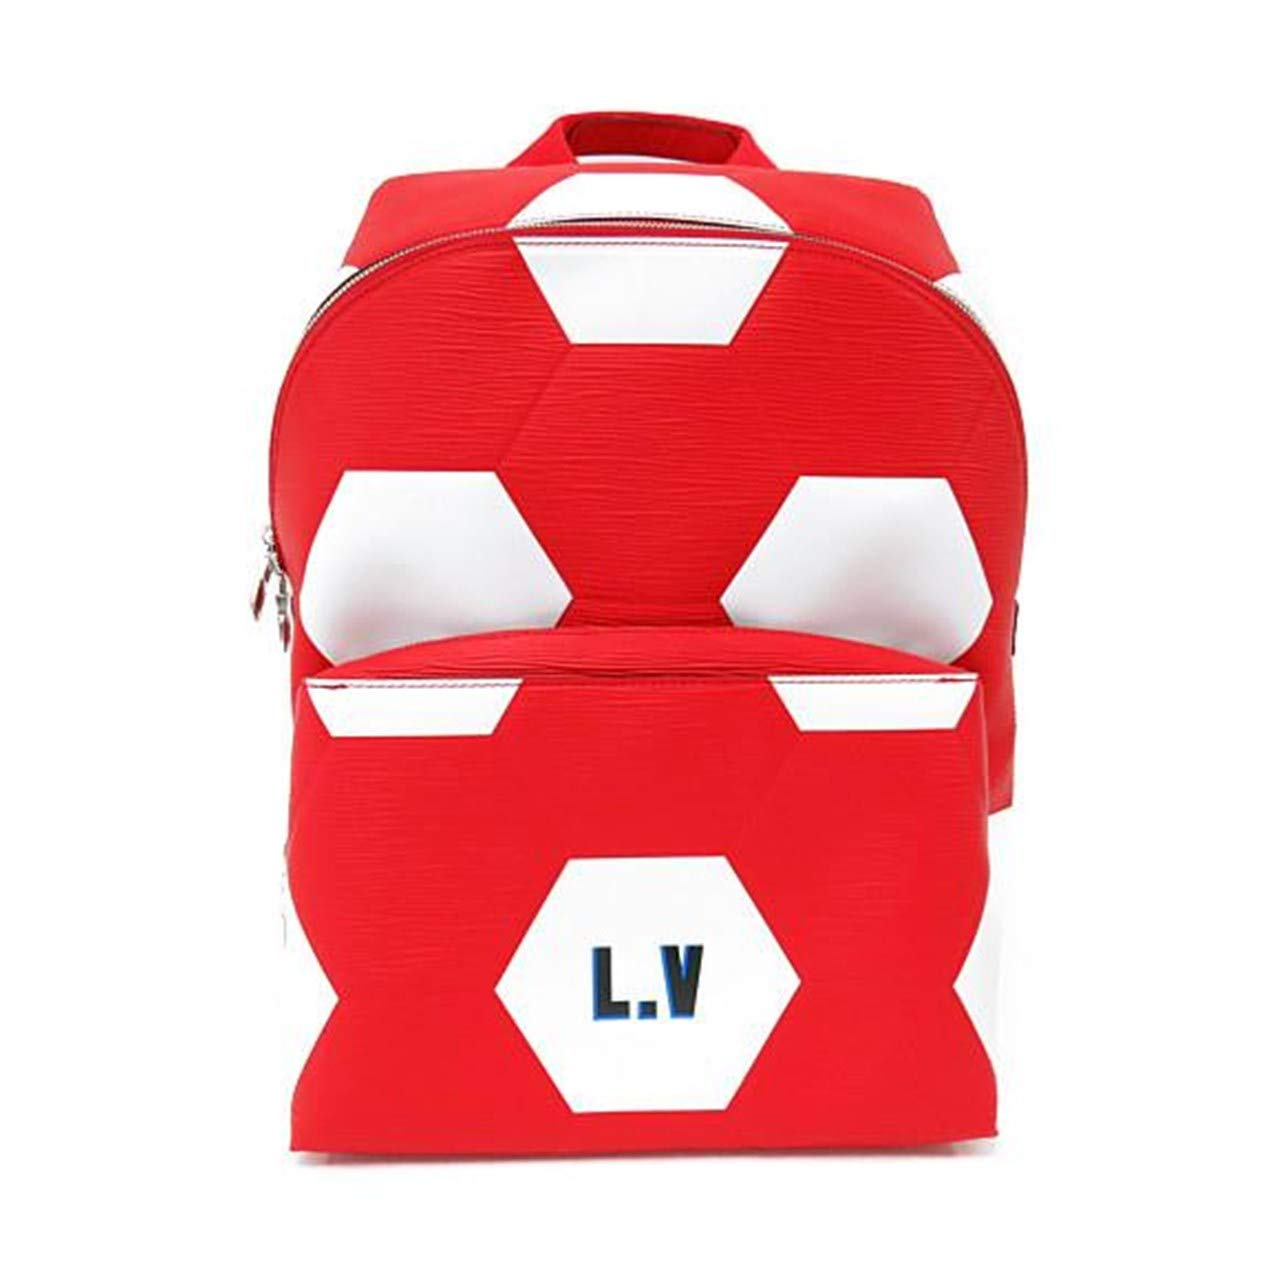 【未使用品】ルイヴィトン FIFAワールドカップ限定 エピ アポロバックパック M52117 中古 B07F7PQT5S